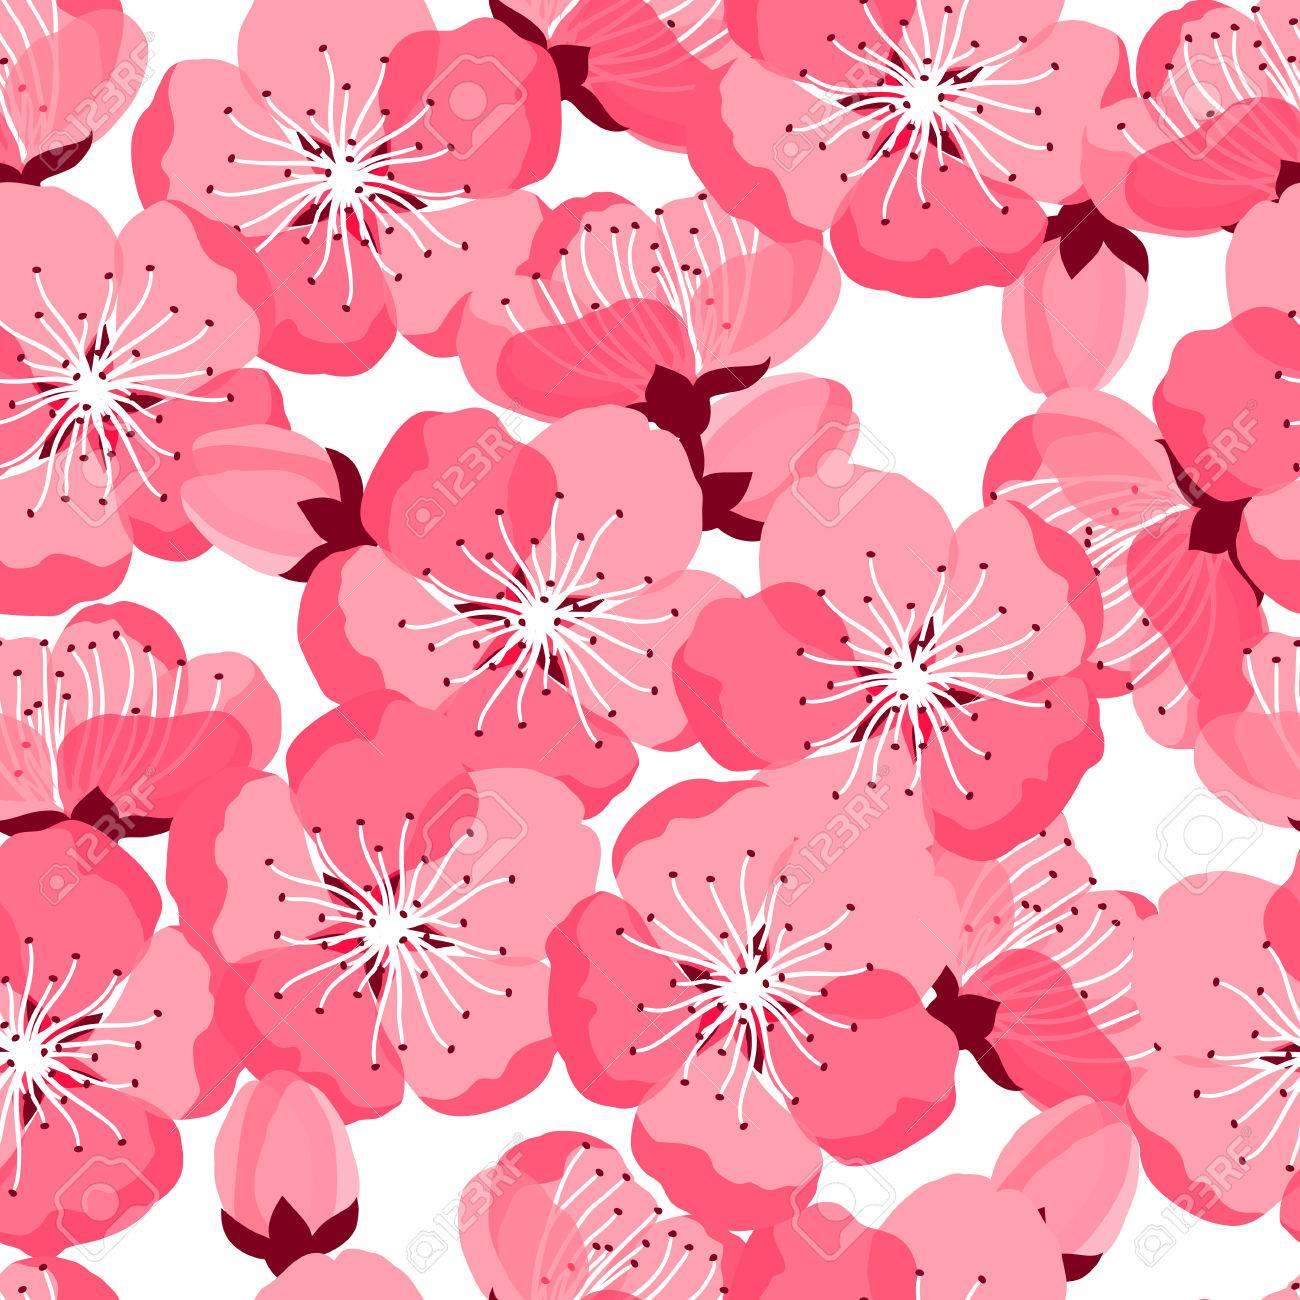 Vettoriale Sakura Seamless Giapponese Con Fiori Stilizzati Sfondo